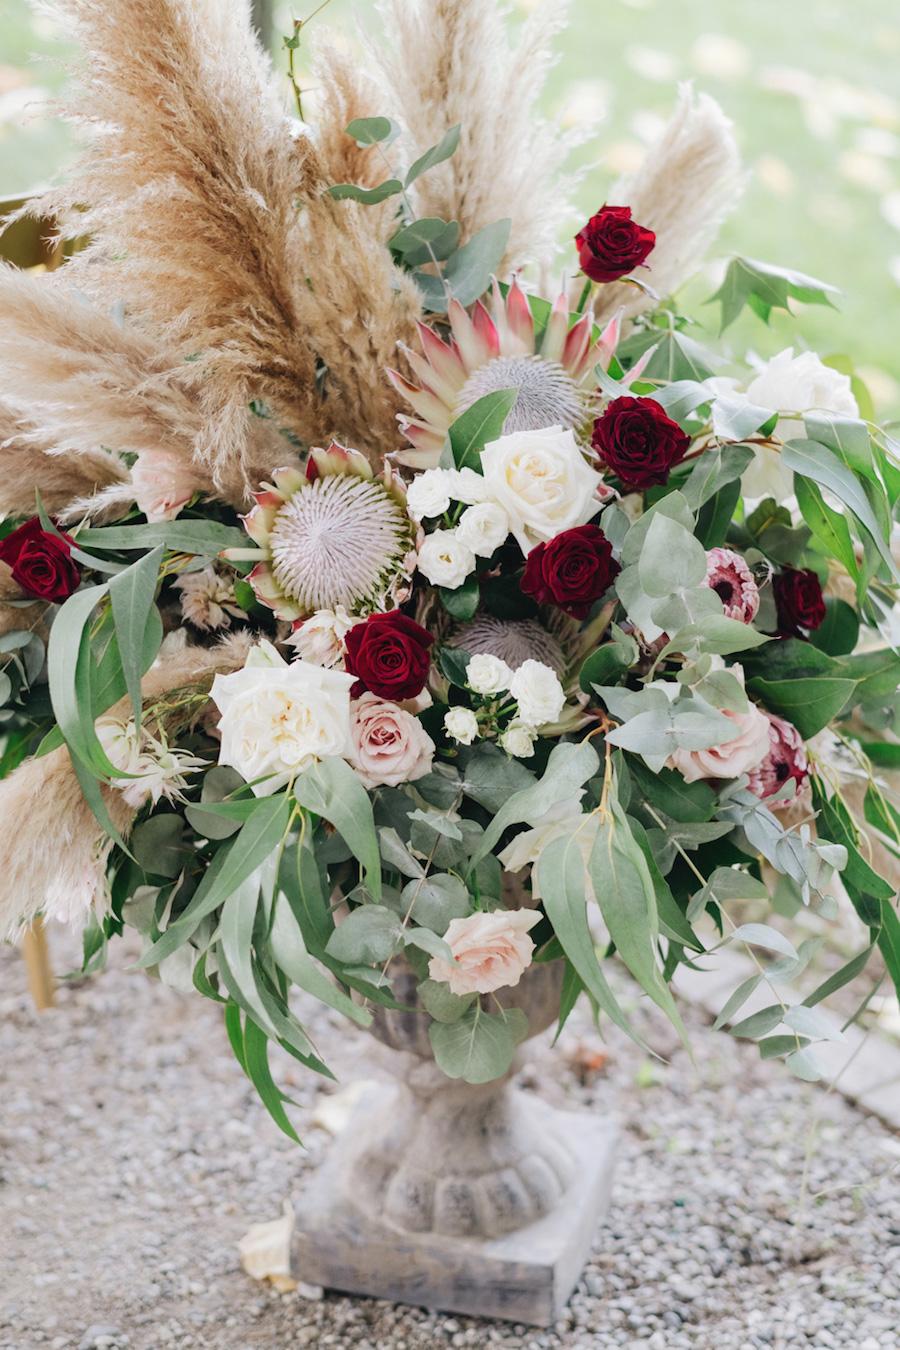 composizione floreale bianca, bordeux con pampas grass